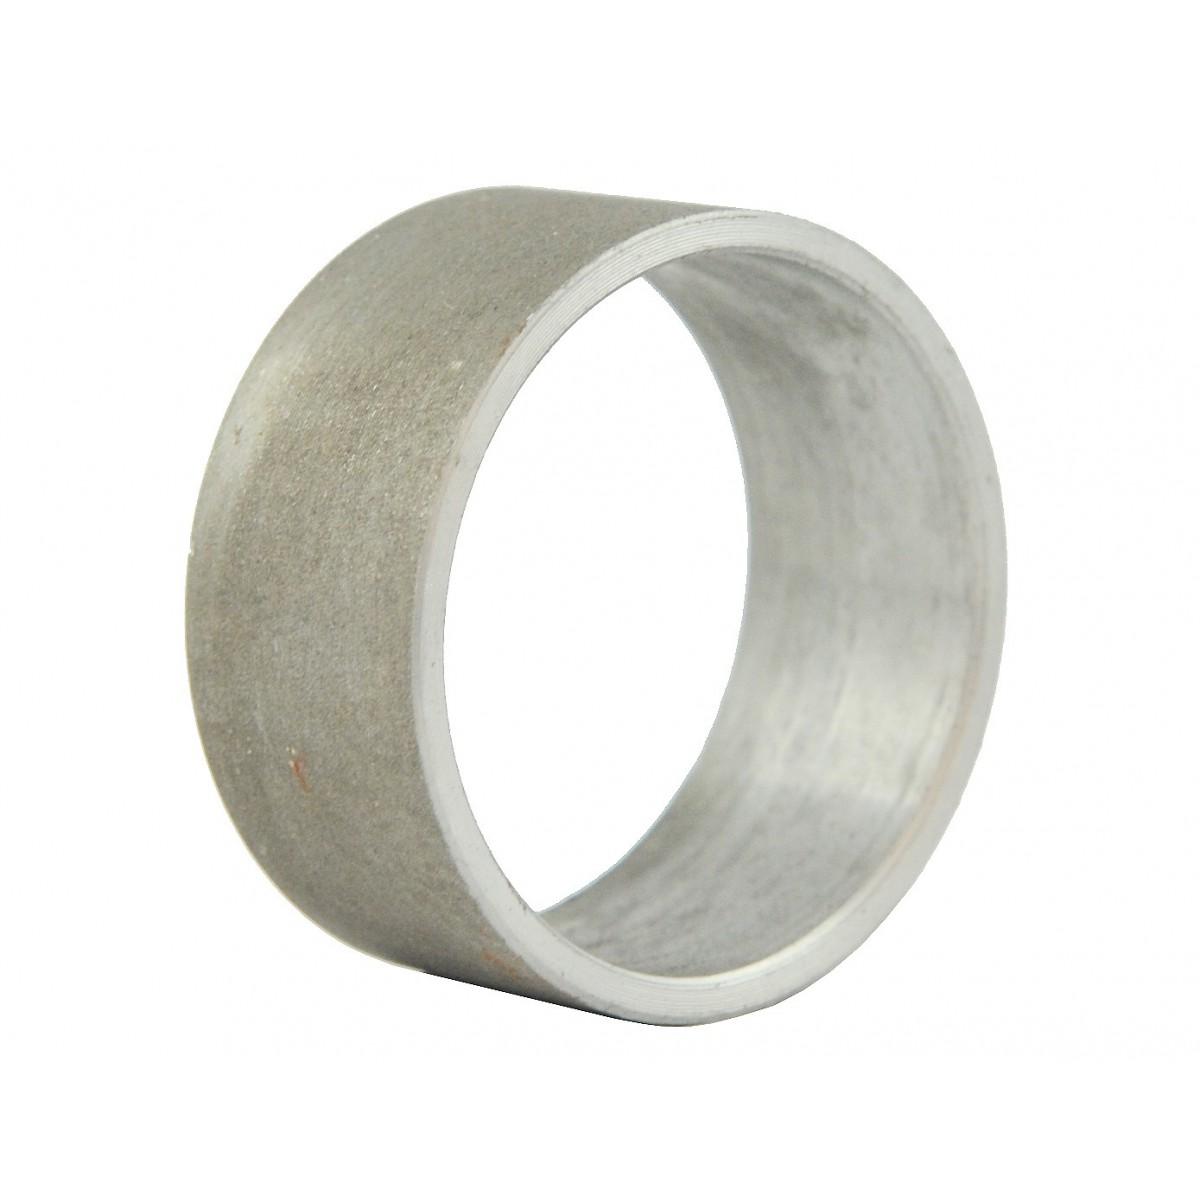 Ärmelhülse 40x45x20 mm Ring